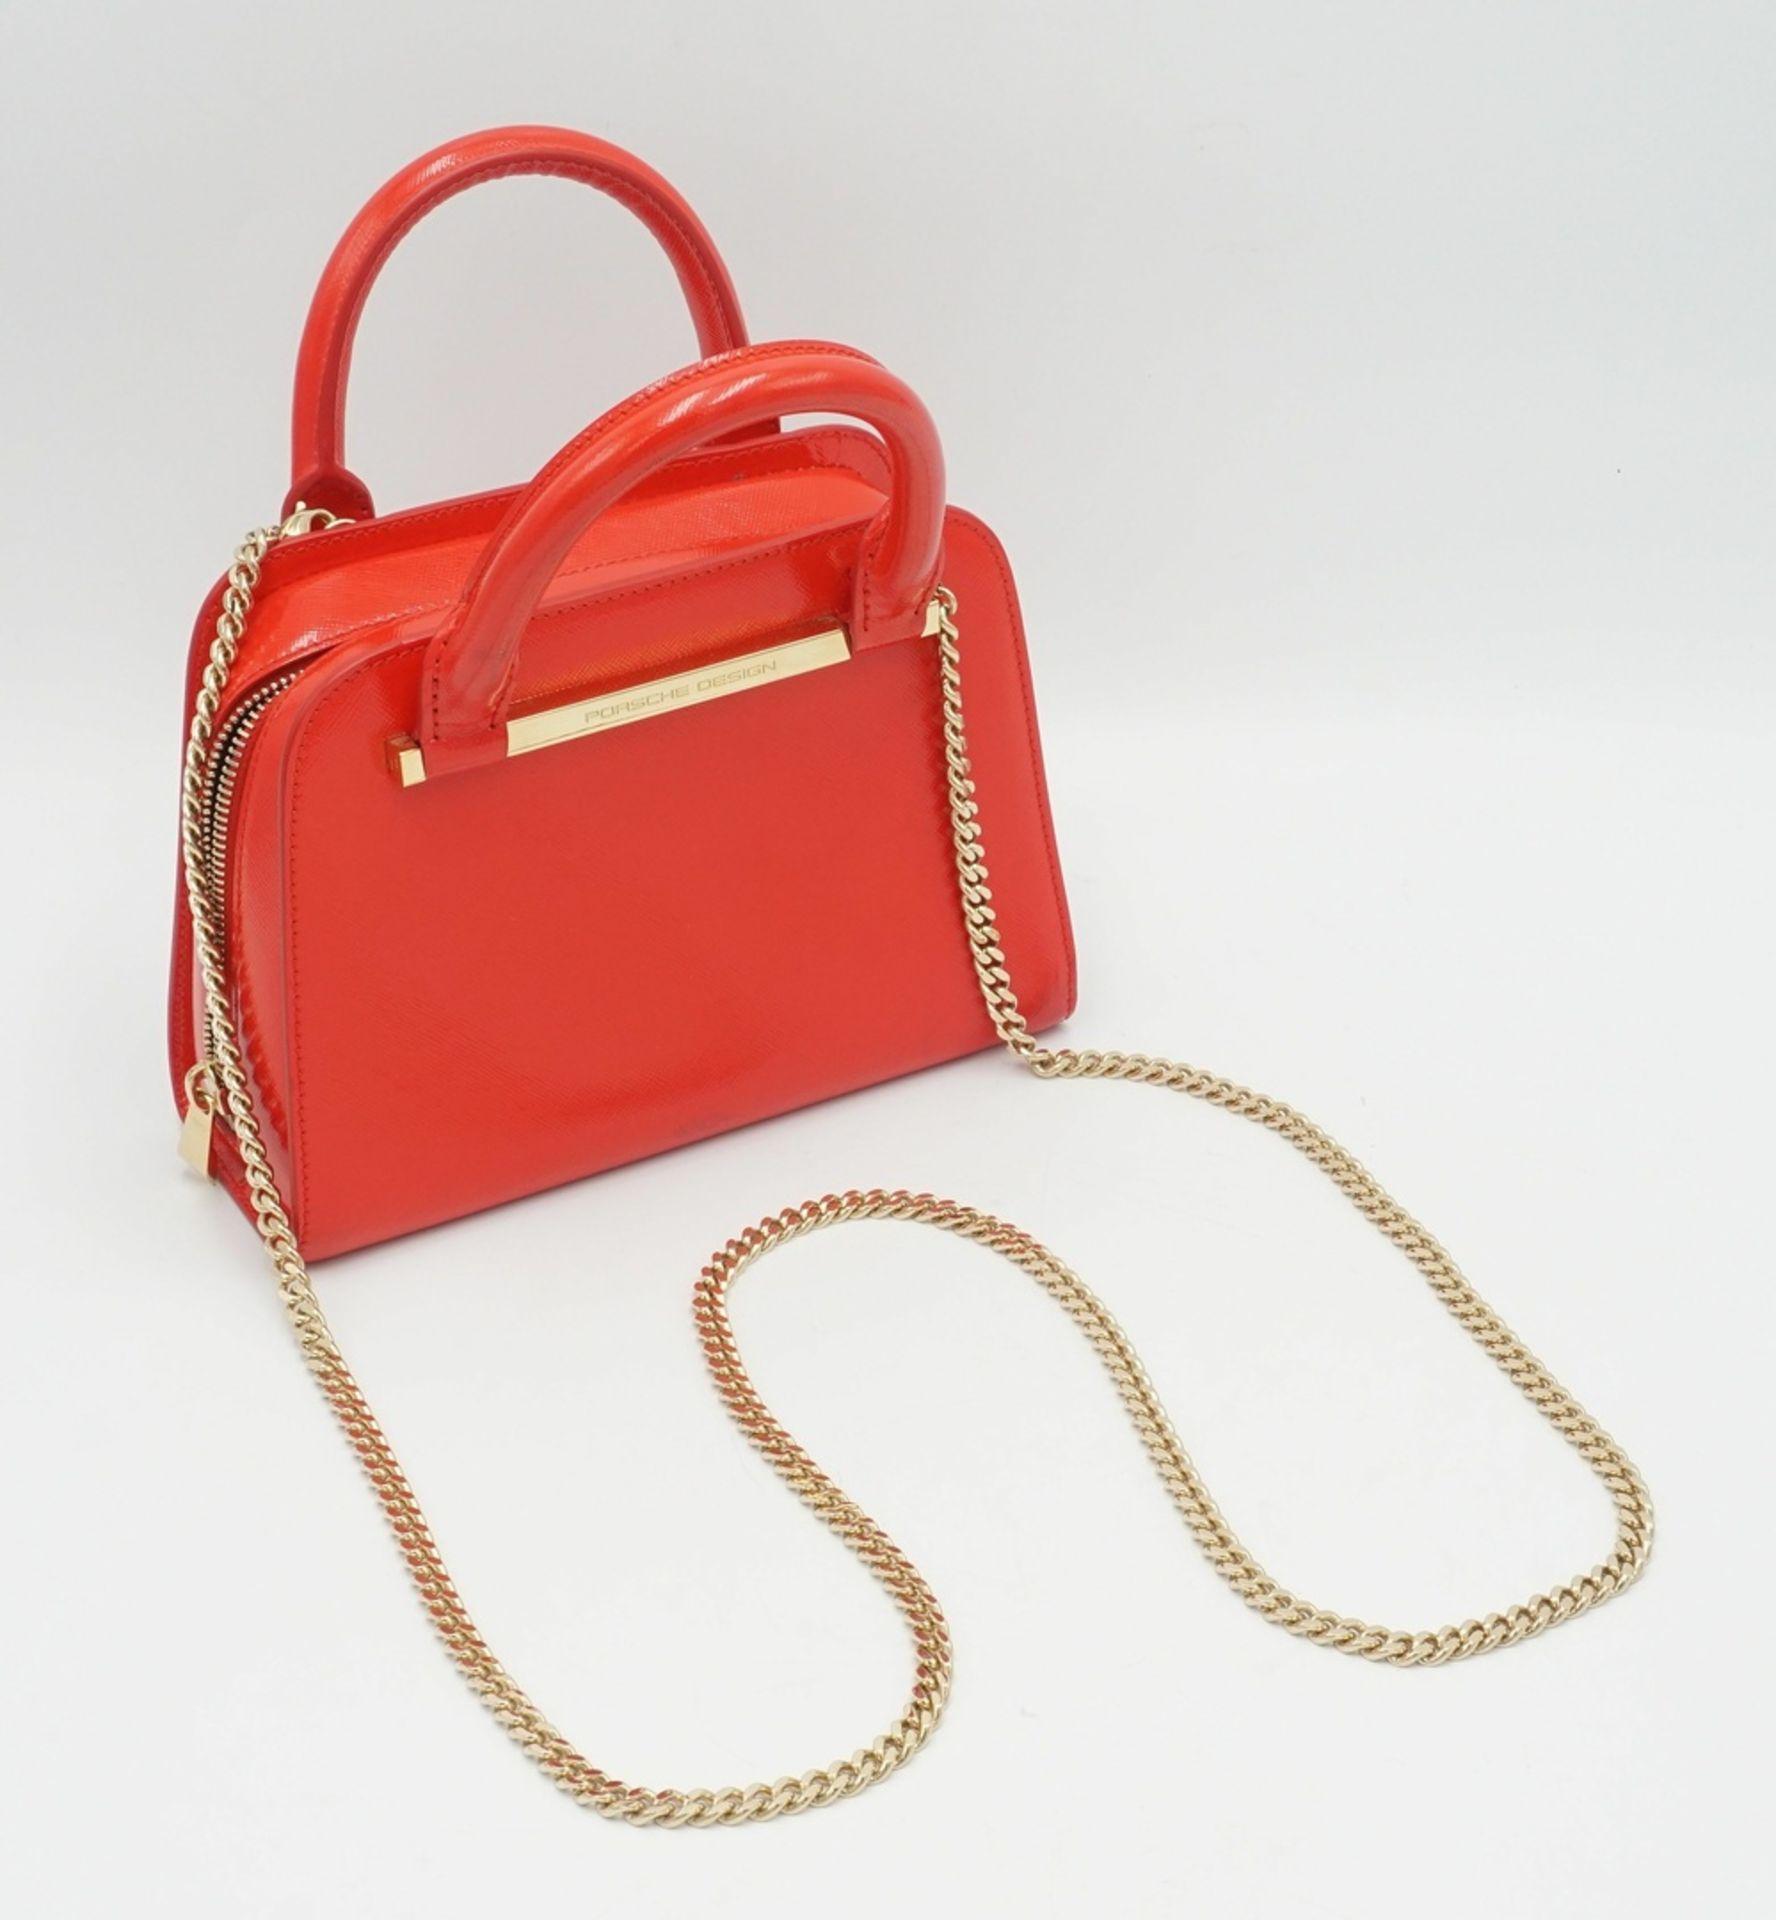 PORSCHE Design TwinBag Mini RED GOLD - Bild 5 aus 9